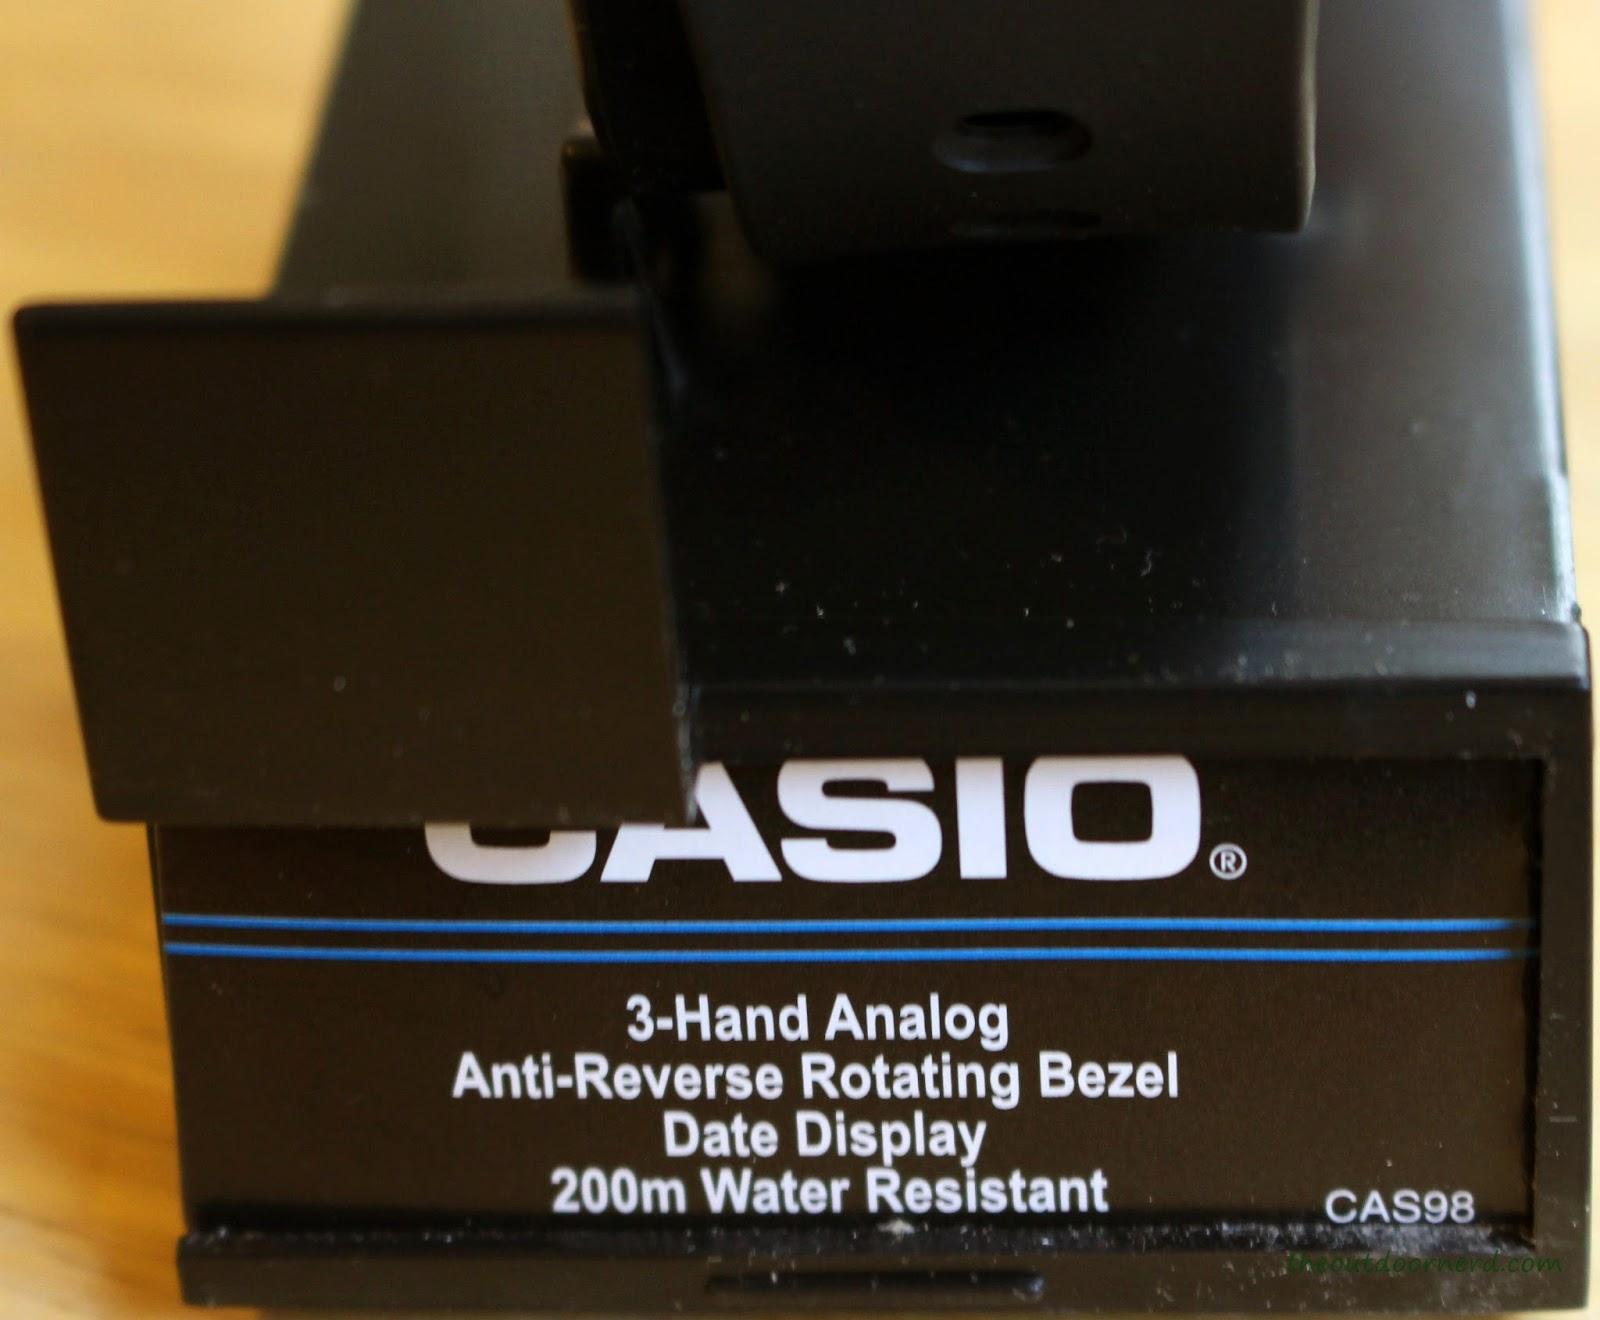 Casio MDV106-1A Diver's Watch: In Box 4